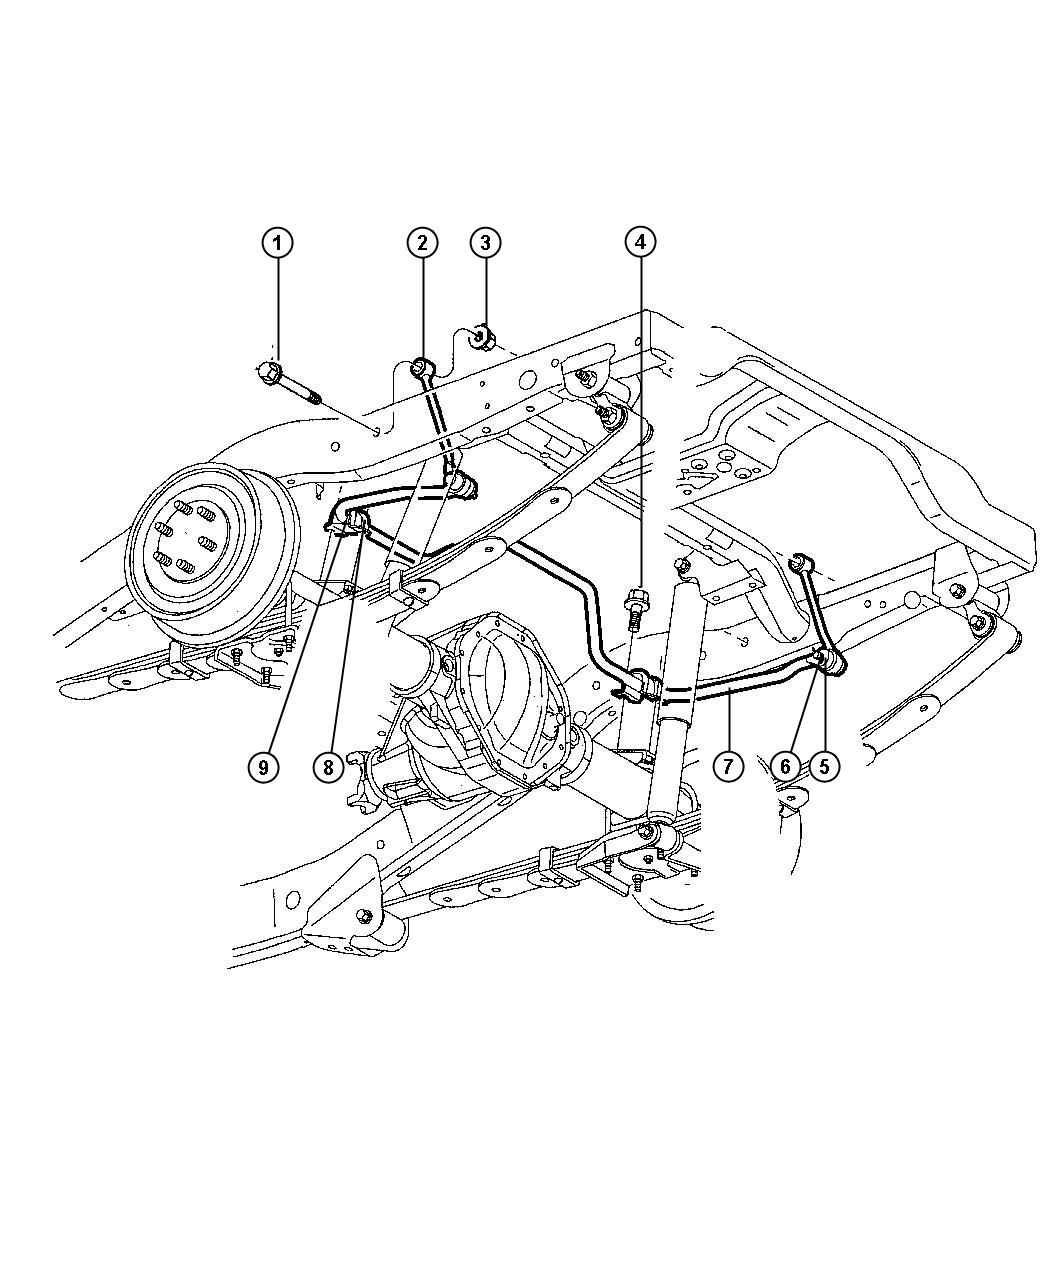 1978 Camaro Front Suspension Schematic. Diagrams. Wiring